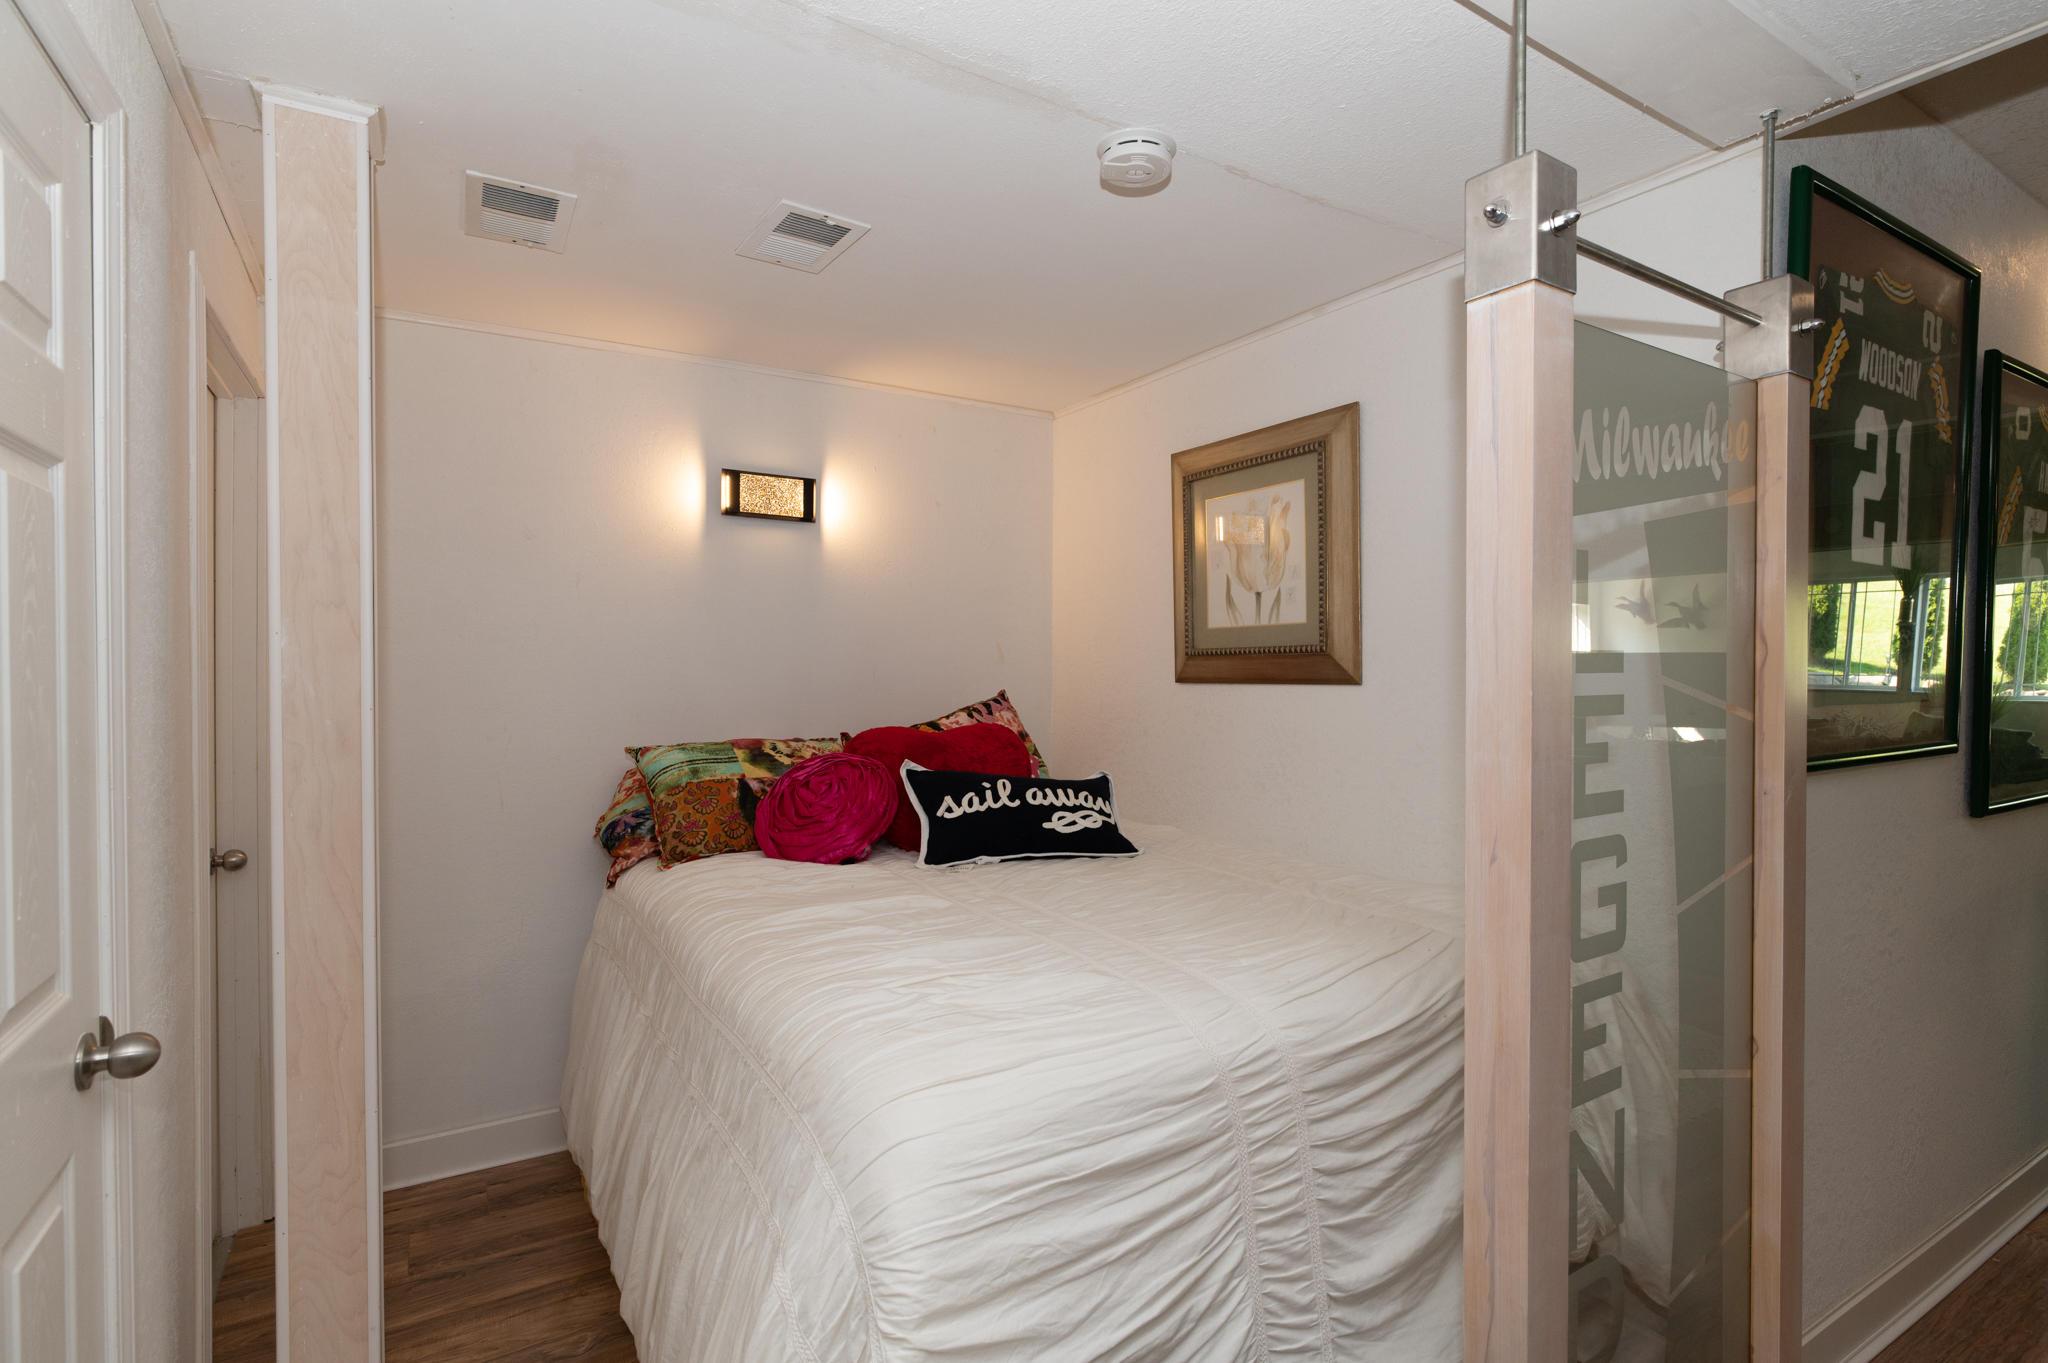 Separate bedroom space